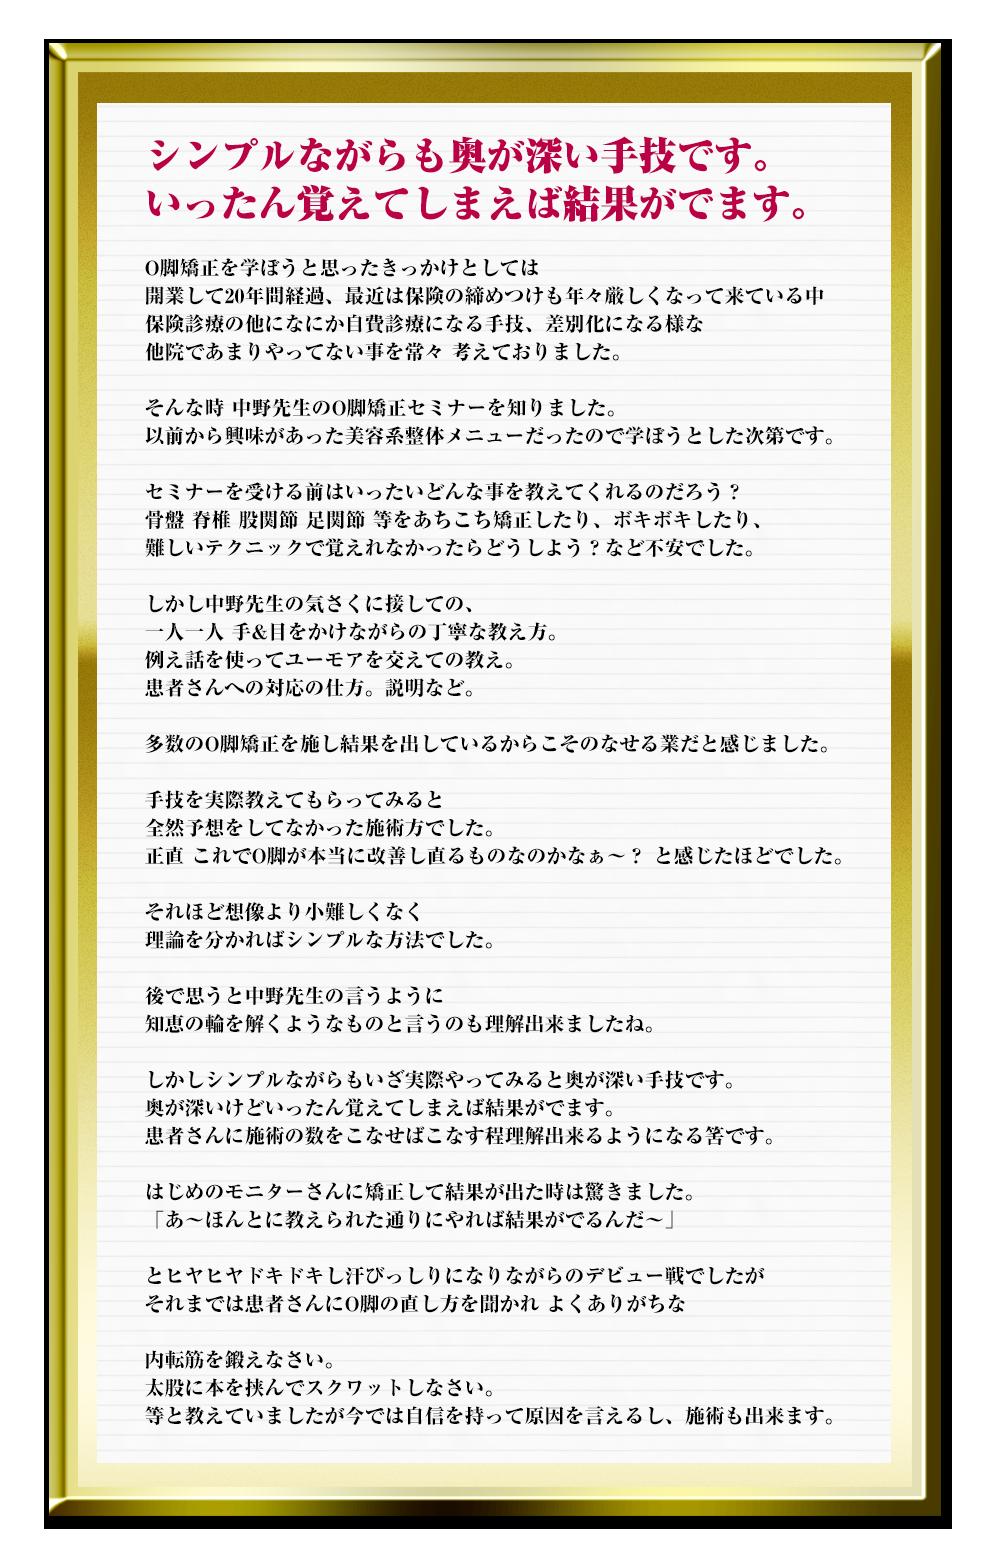 ご感想亀岡先生